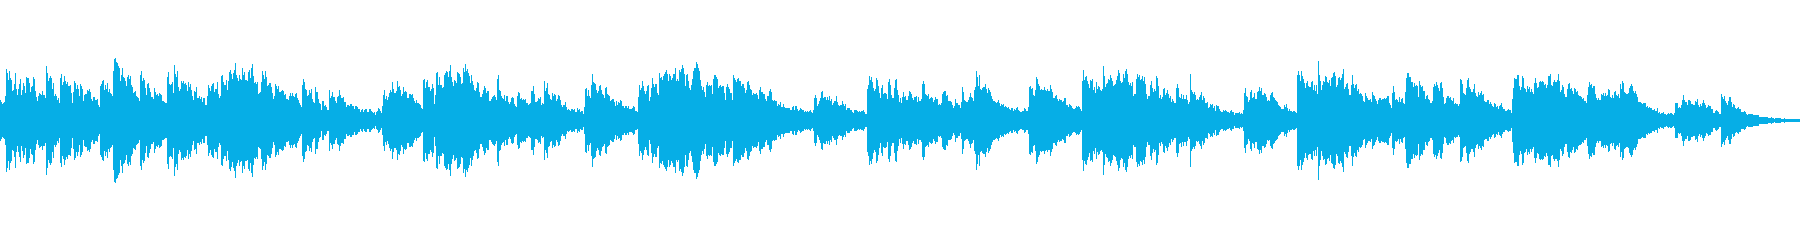 ひっそりした独特なメロディーの再生済みの波形